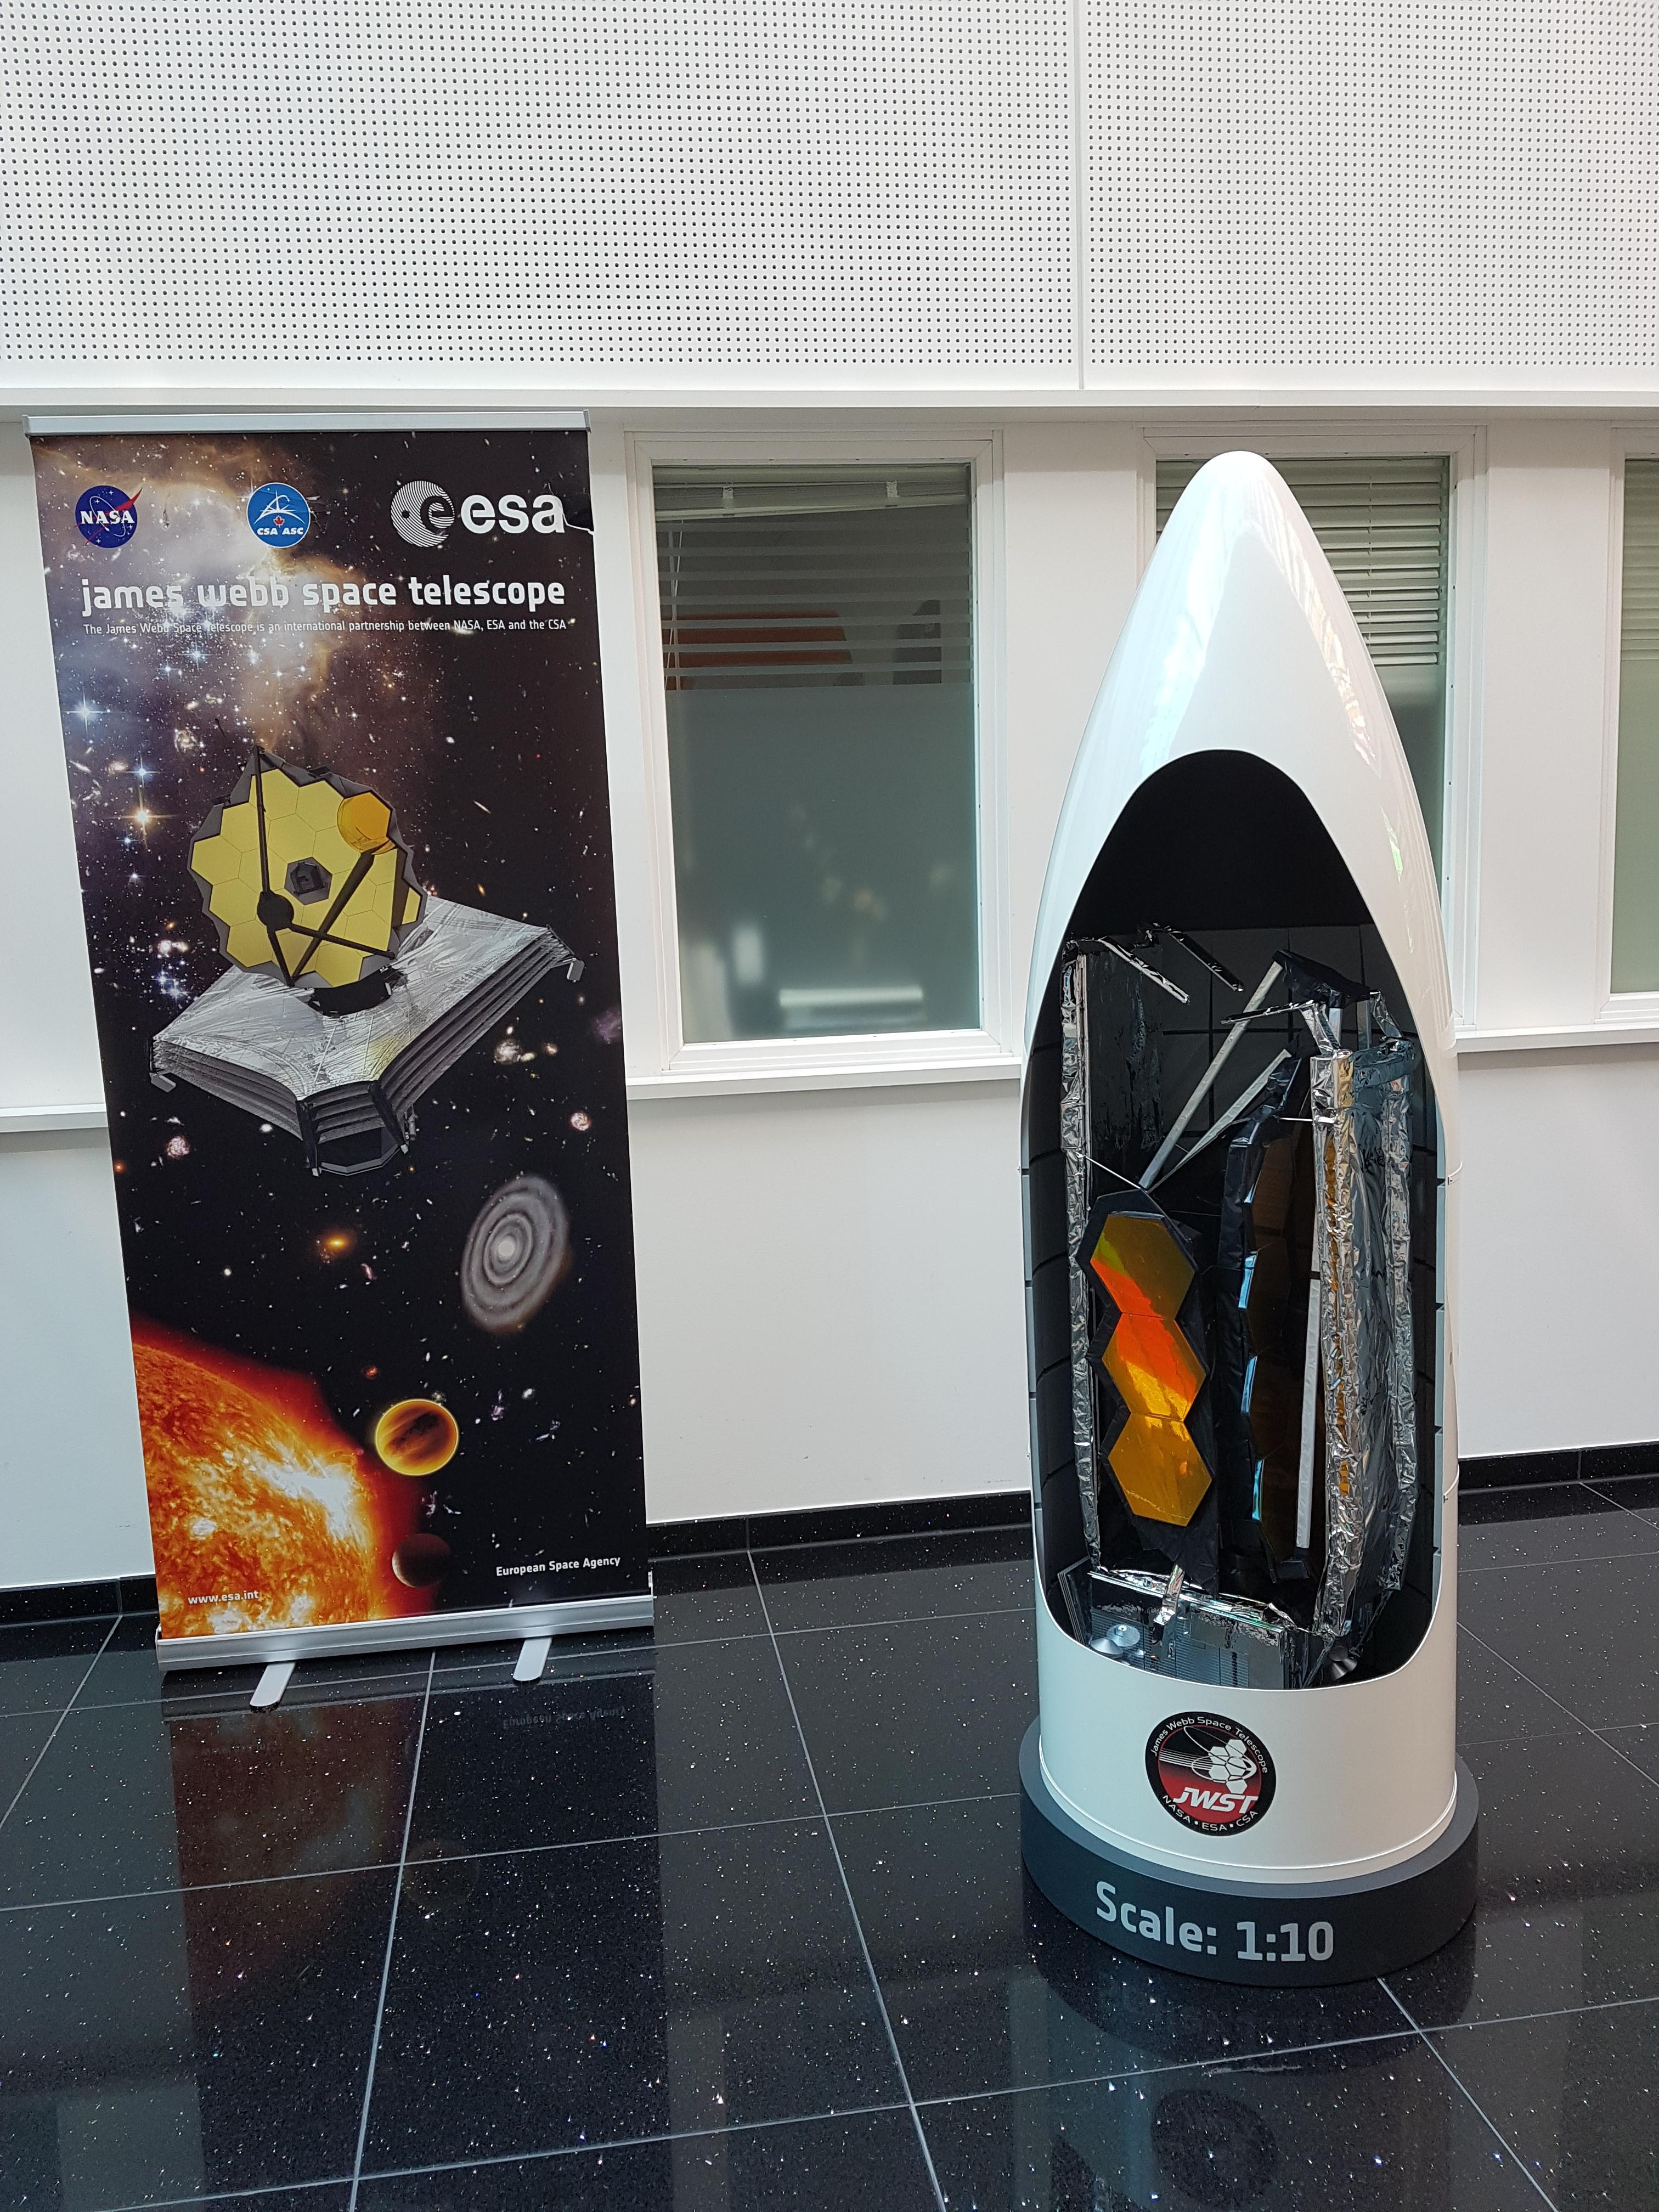 JWST 1:10 in fairing space satellite model